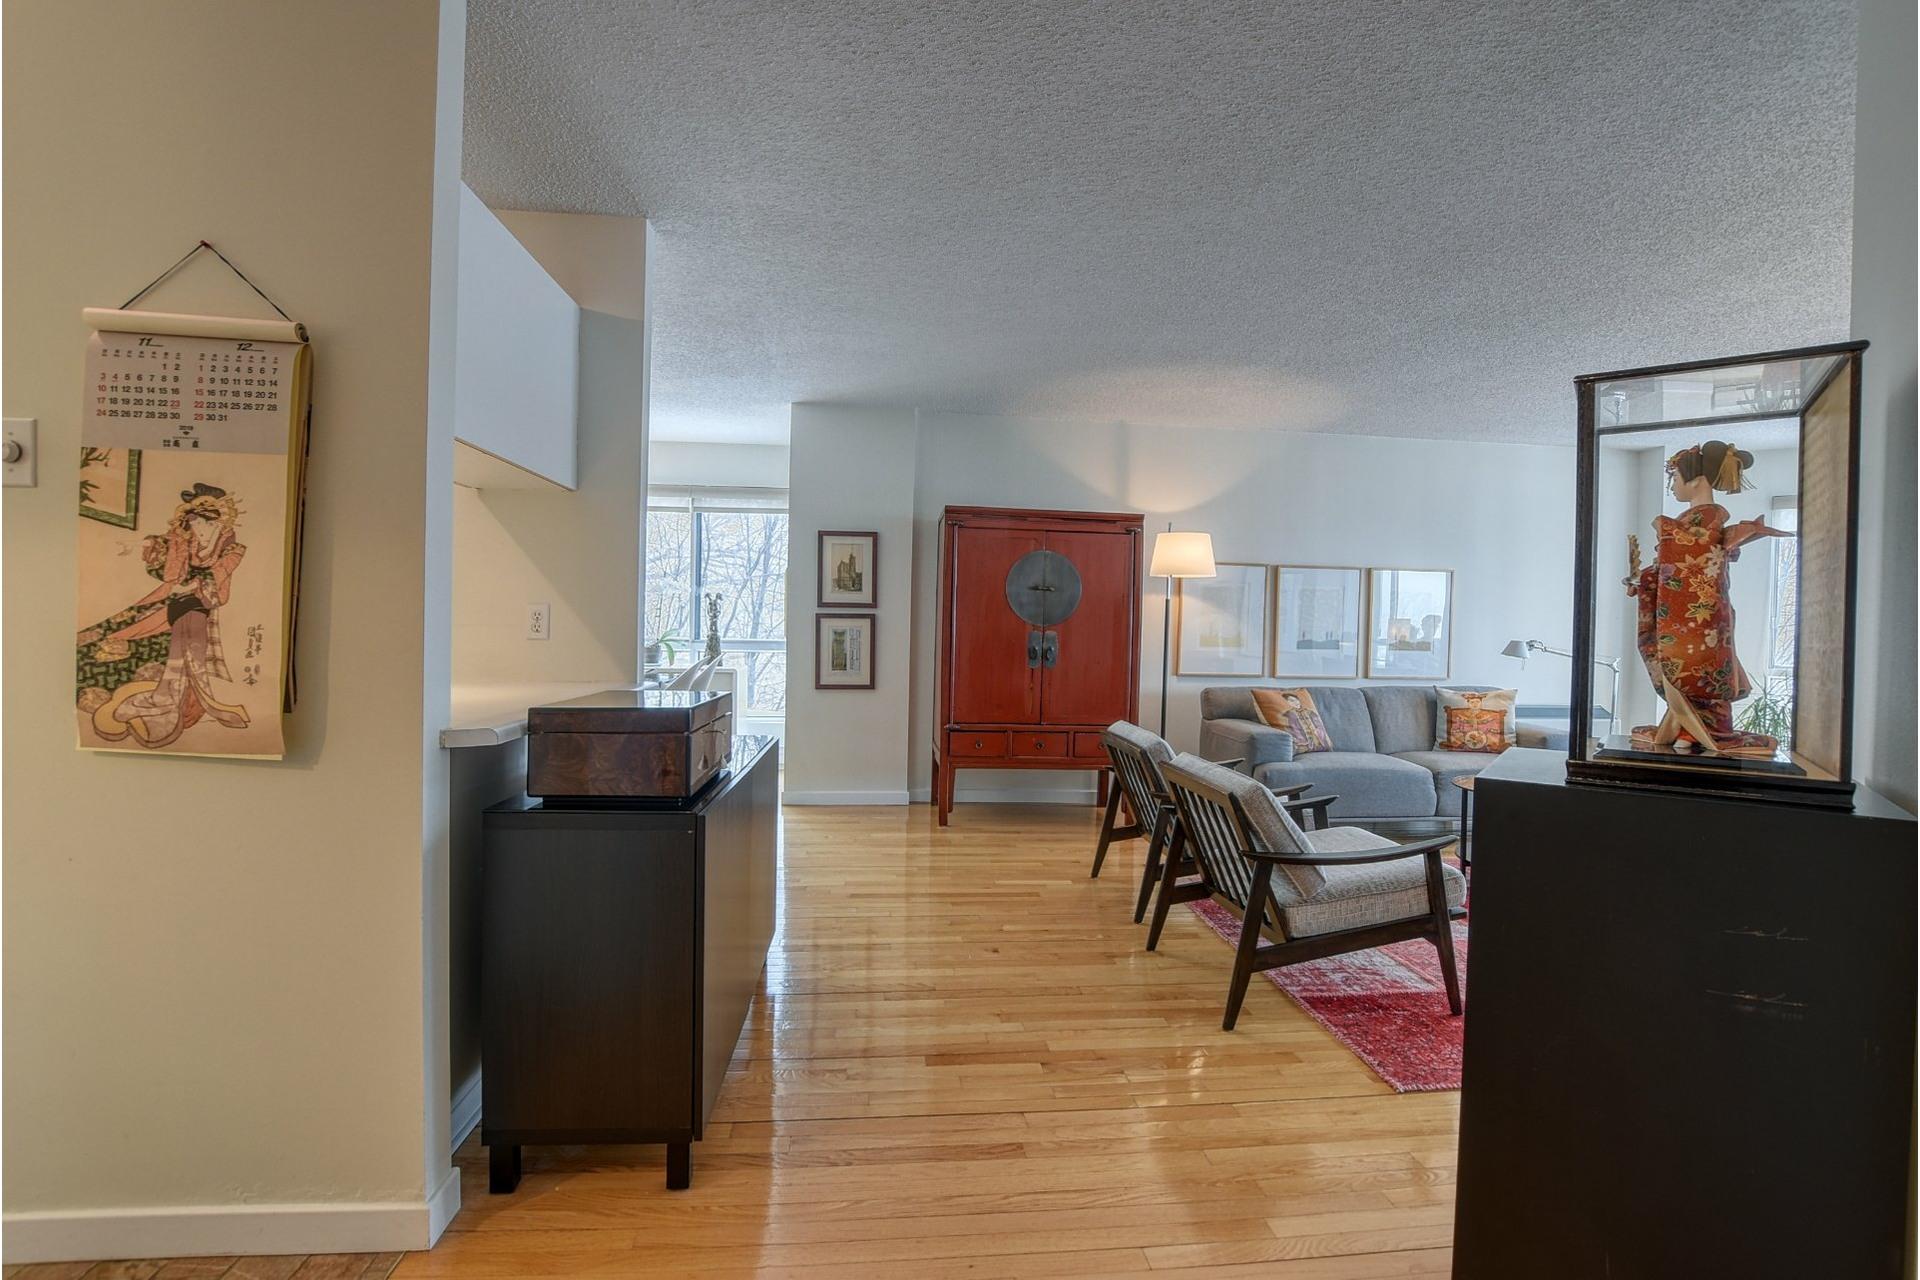 image 3 - Appartement À vendre Verdun/Île-des-Soeurs Montréal  - 6 pièces